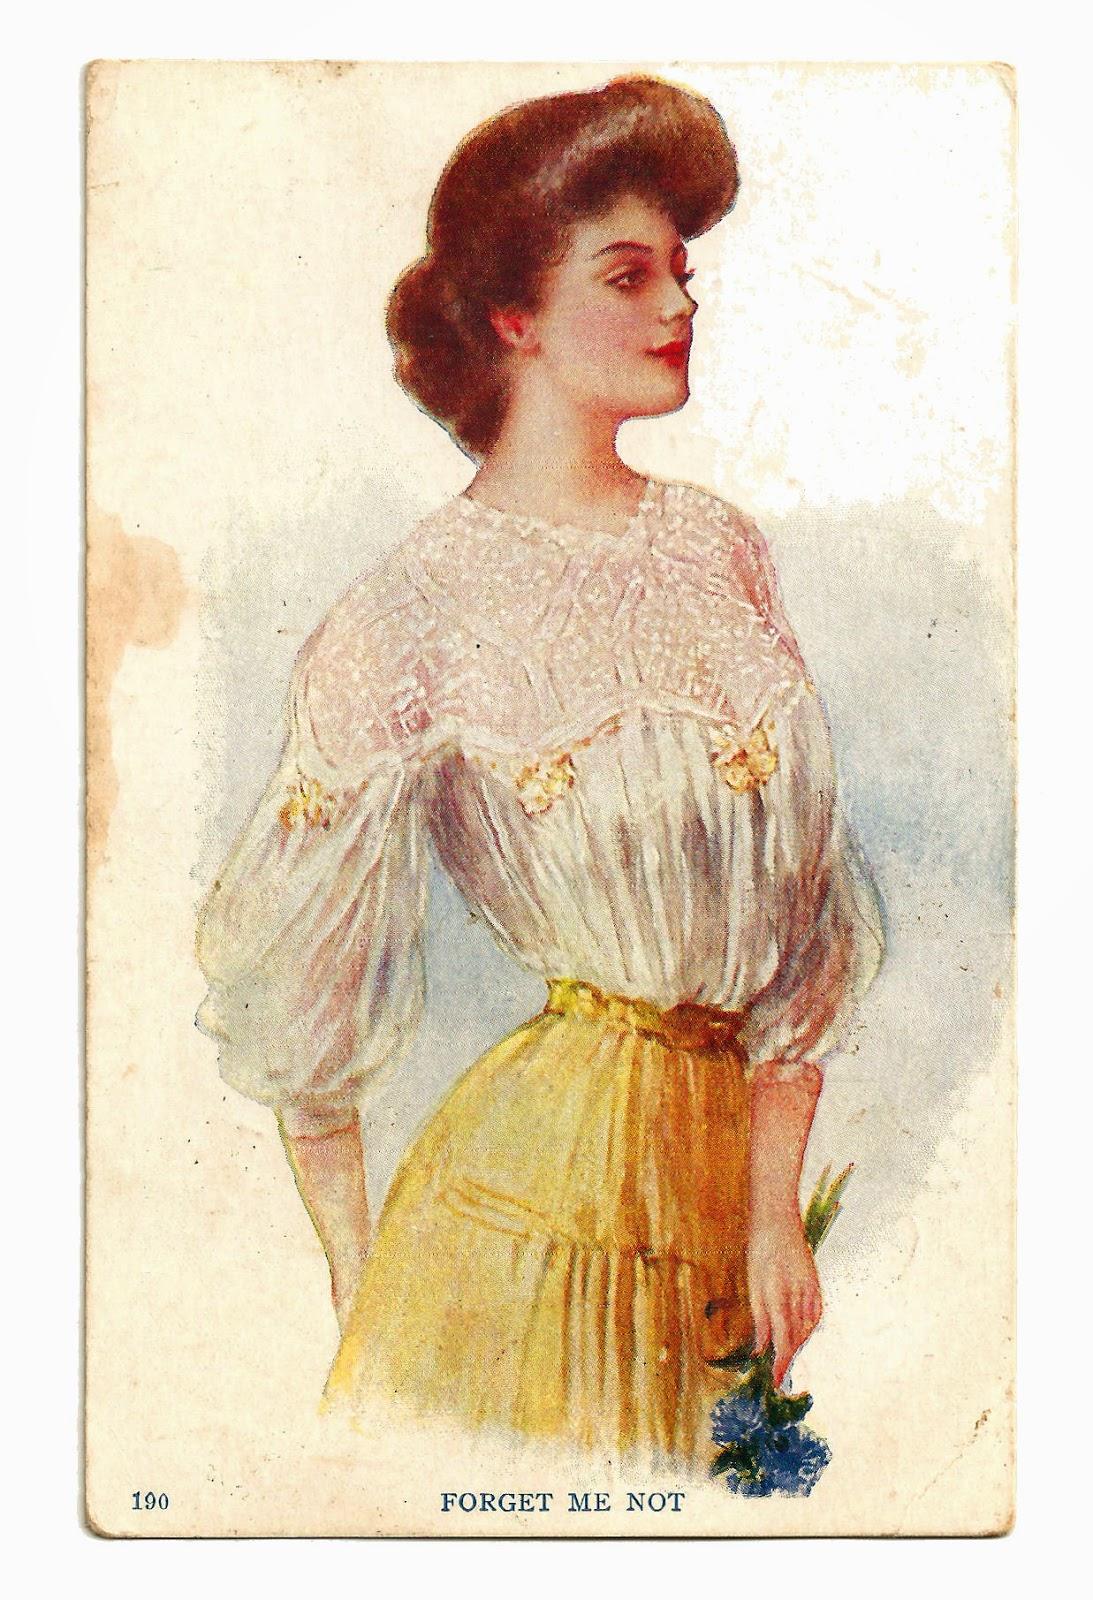 http://3.bp.blogspot.com/-M25ljjKRB4c/VKXaLSNx1sI/AAAAAAAAUrA/jmeU-wOUKzg/s1600/pc_woman_fmn_yllw_dress_gm.jpg